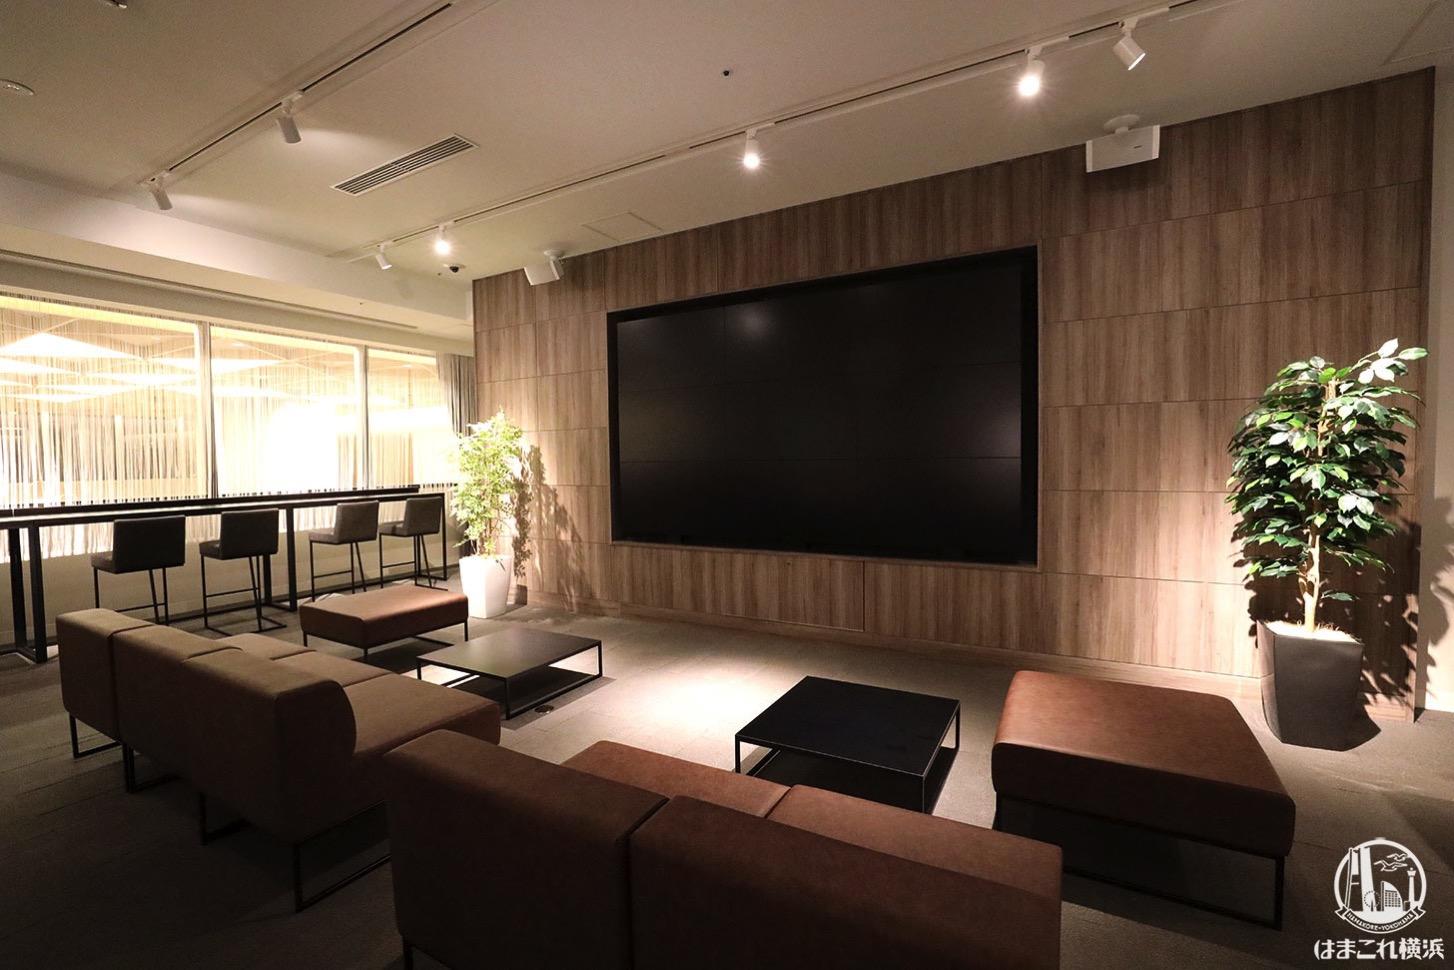 横浜駅 映画館「T・ジョイ横浜」ラウンジ